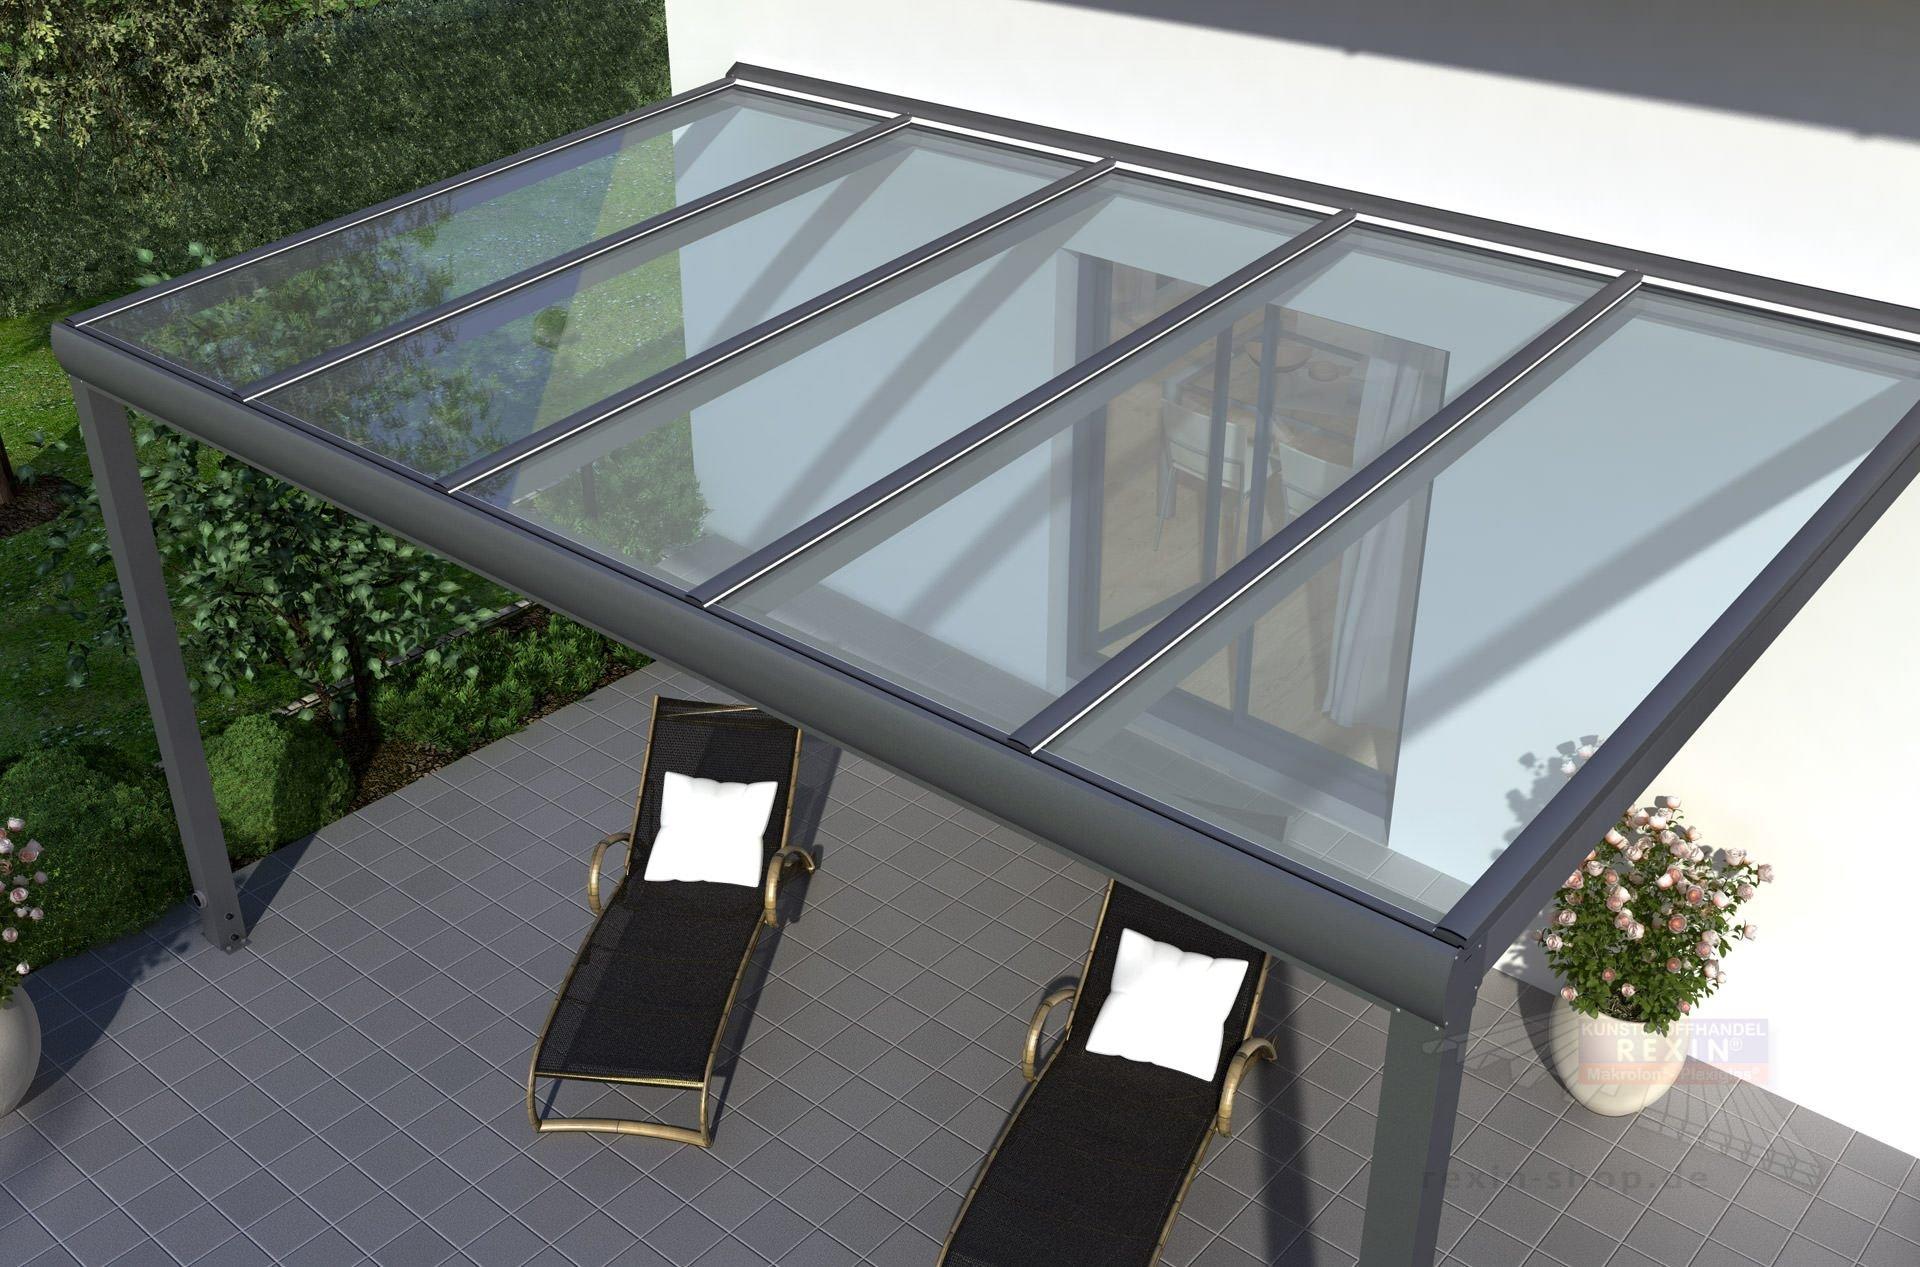 Terrassenuberdachung Alu Glas ~ Terrassenüberdachungen aus alu glas u ac versandkosten